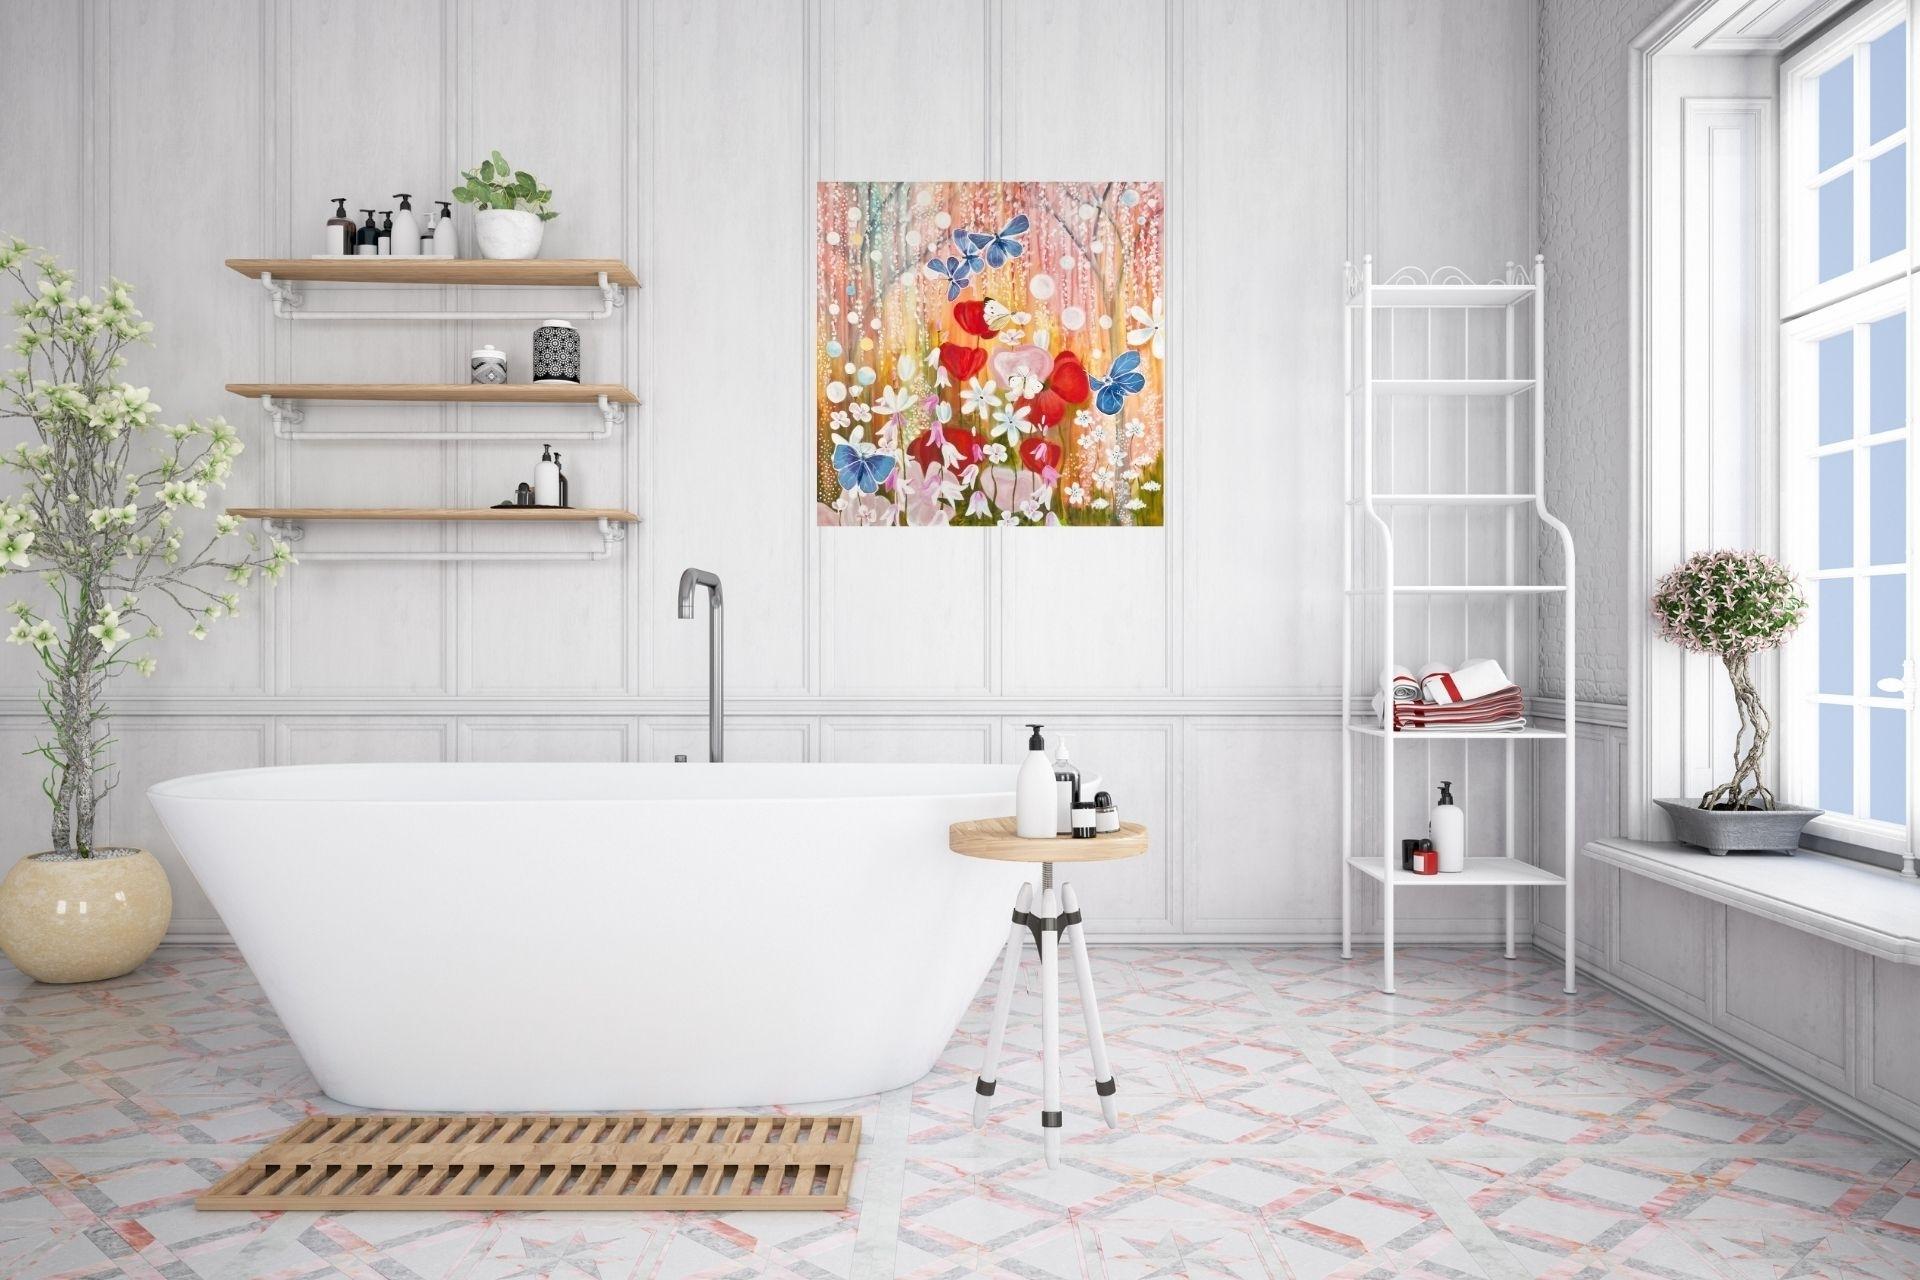 Obrazy v koupelně? Trend, který má smysl